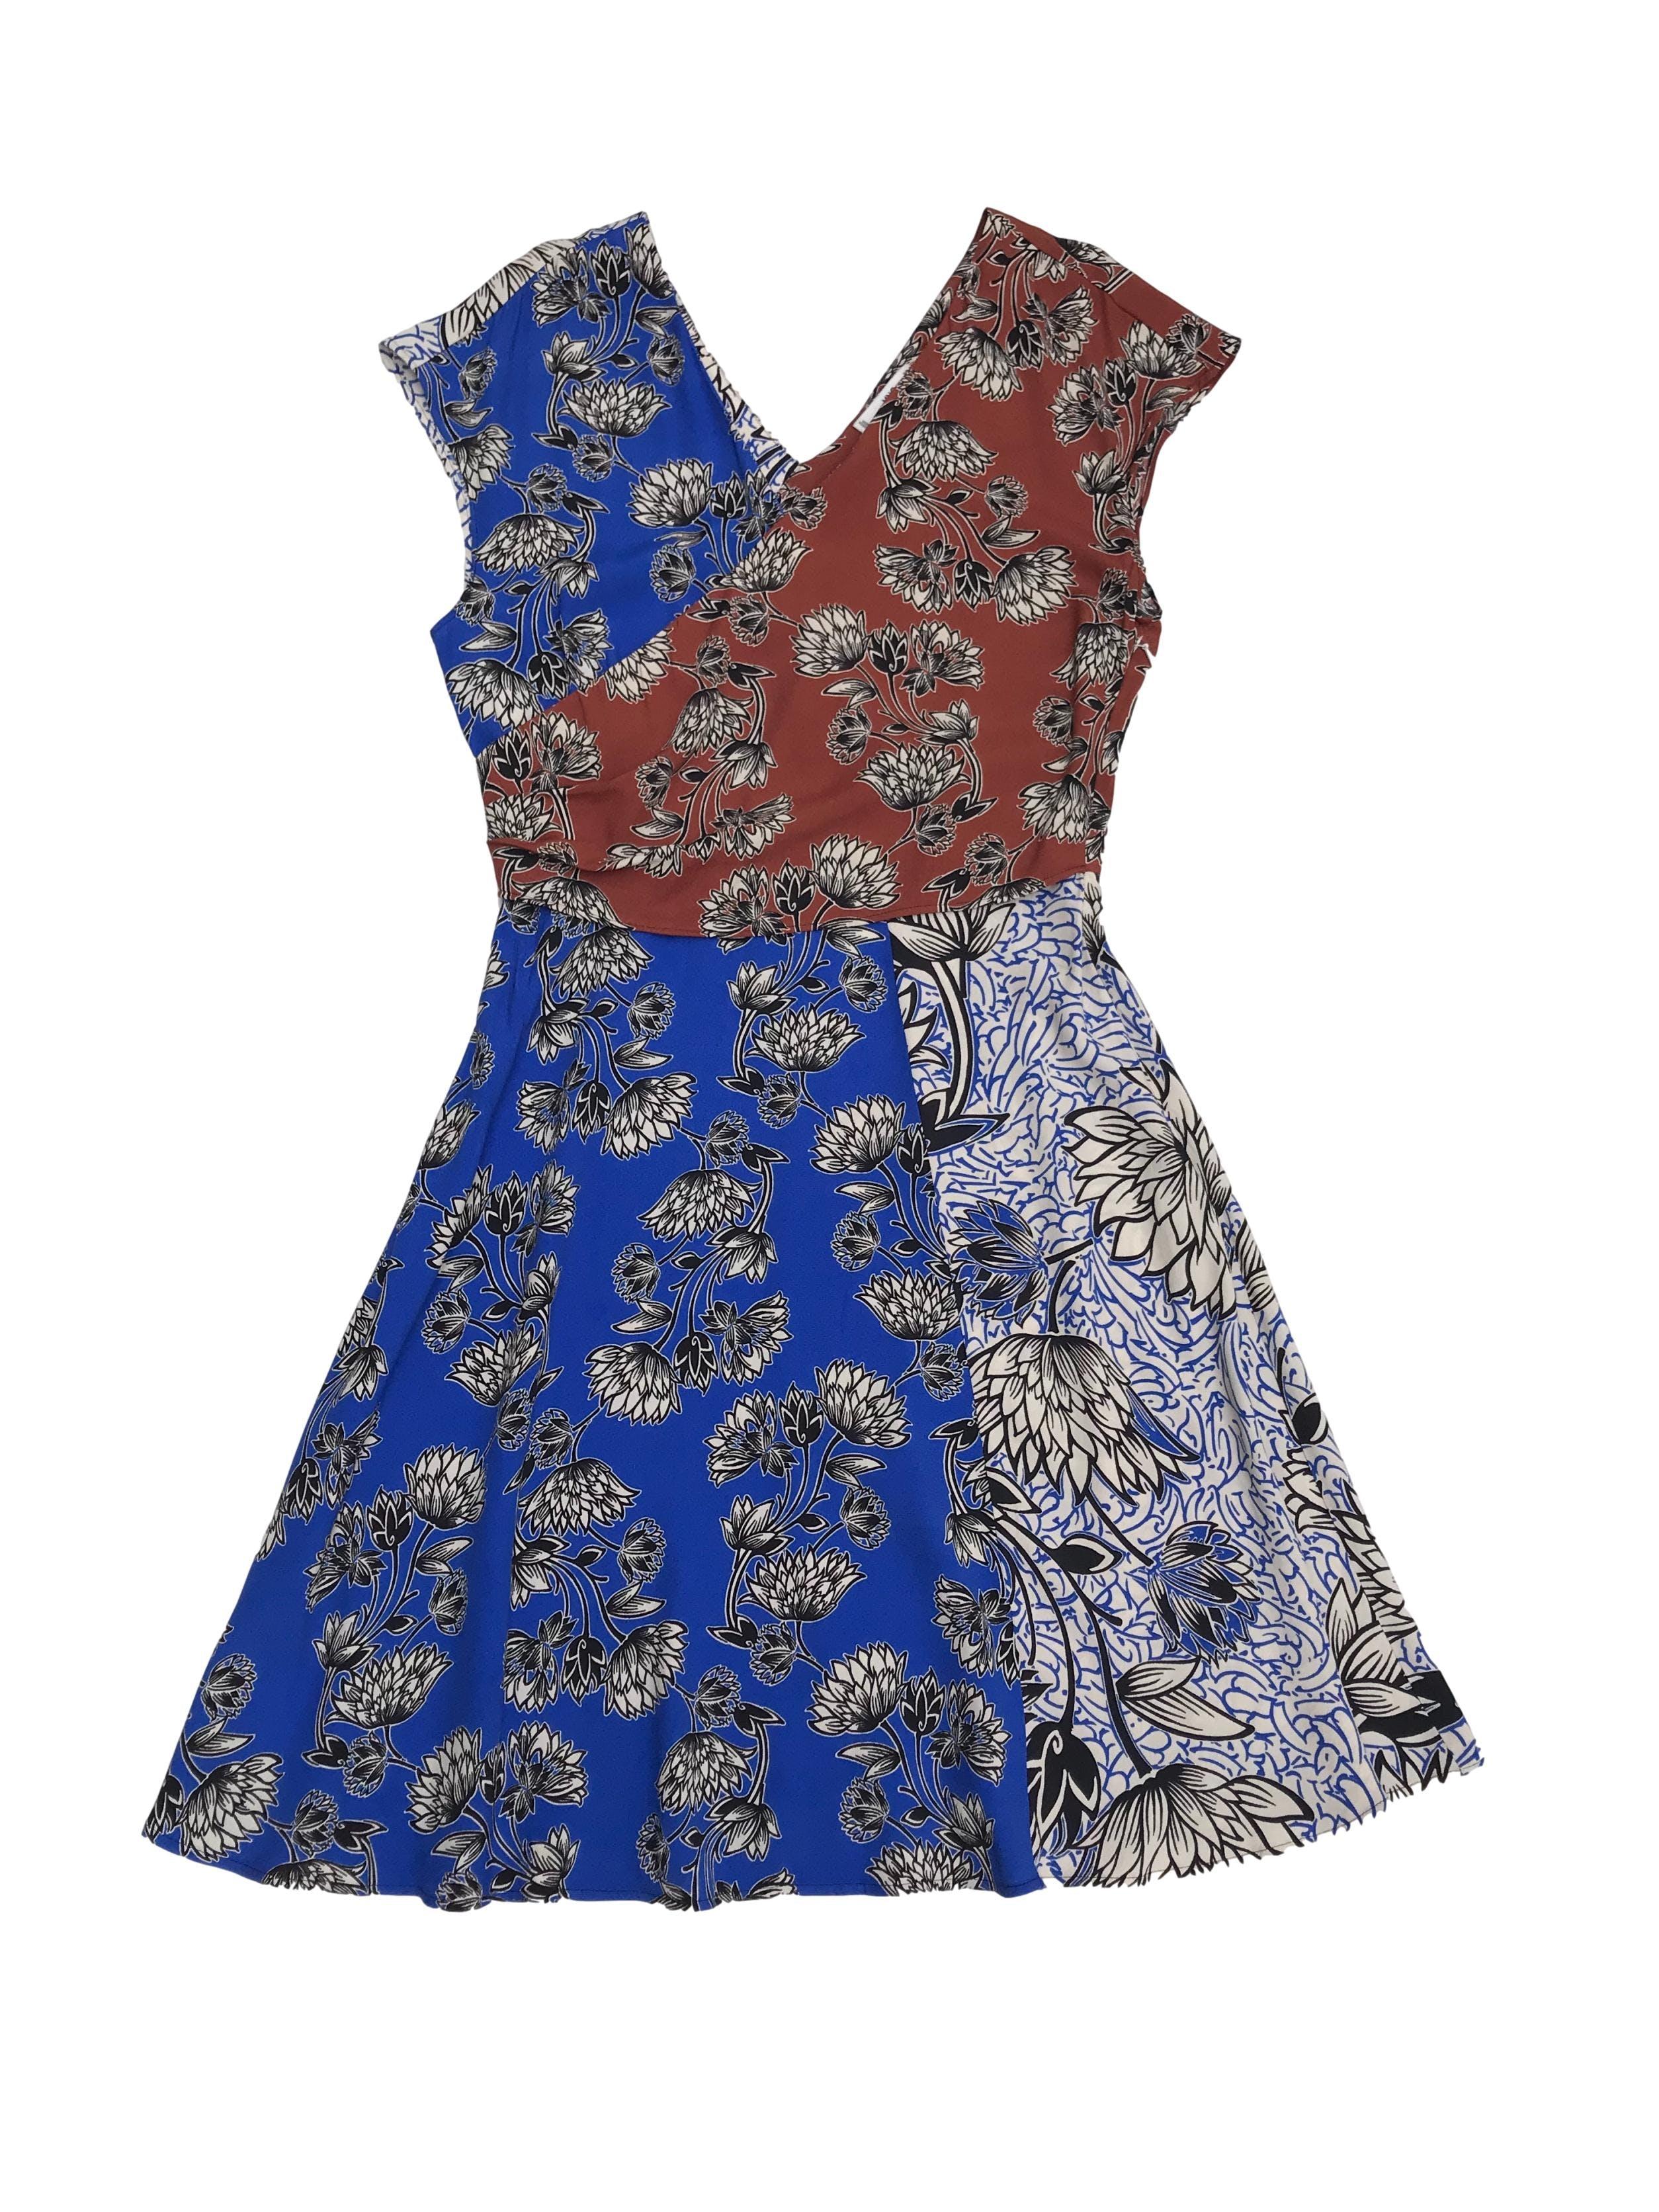 Vestido Mango tipo crepé suave azul blanco y marrón con estampado de flores, escote cruzado adelante y V en la espalda, con cierre lateral y falda en A. Largo 94cm Cintura 74cm